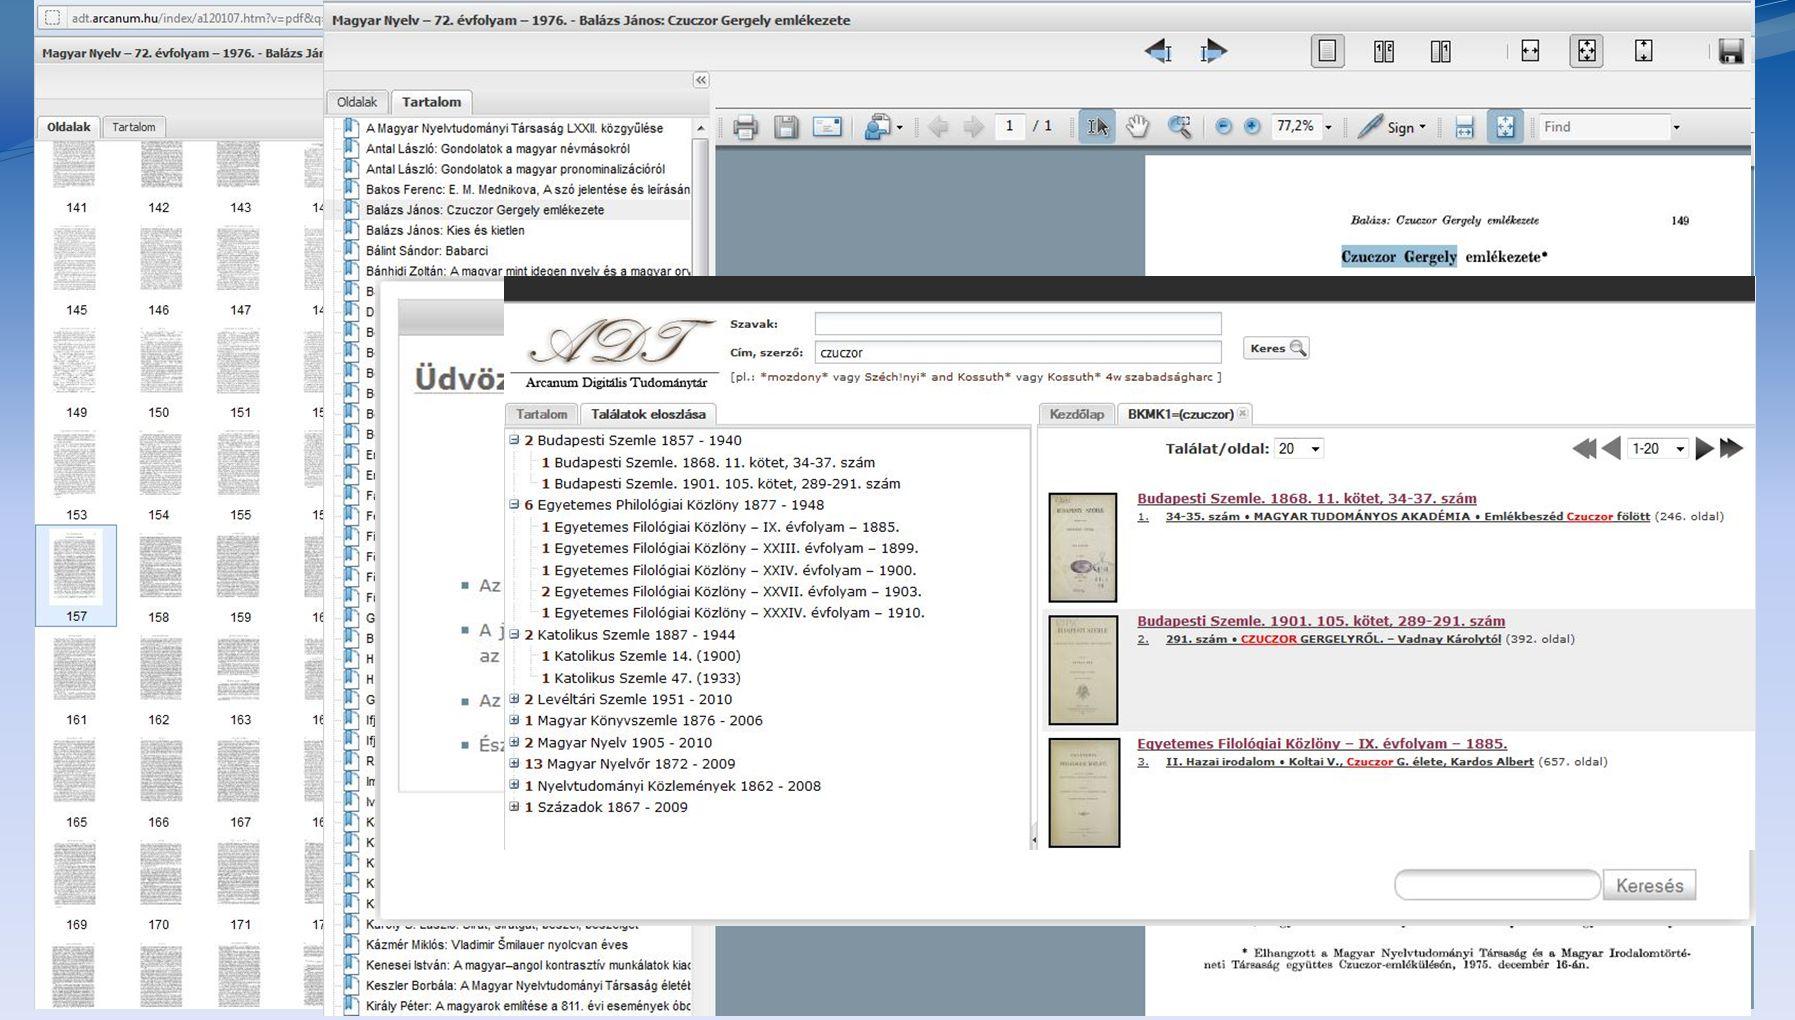 •Instant keresés •Dinamikus súgó •Új SÚGÓ menü •Találatok eloszlása a dokumentumokban •Új dokumentum megjelenítő ablak - Összes oldal megjelenítése -